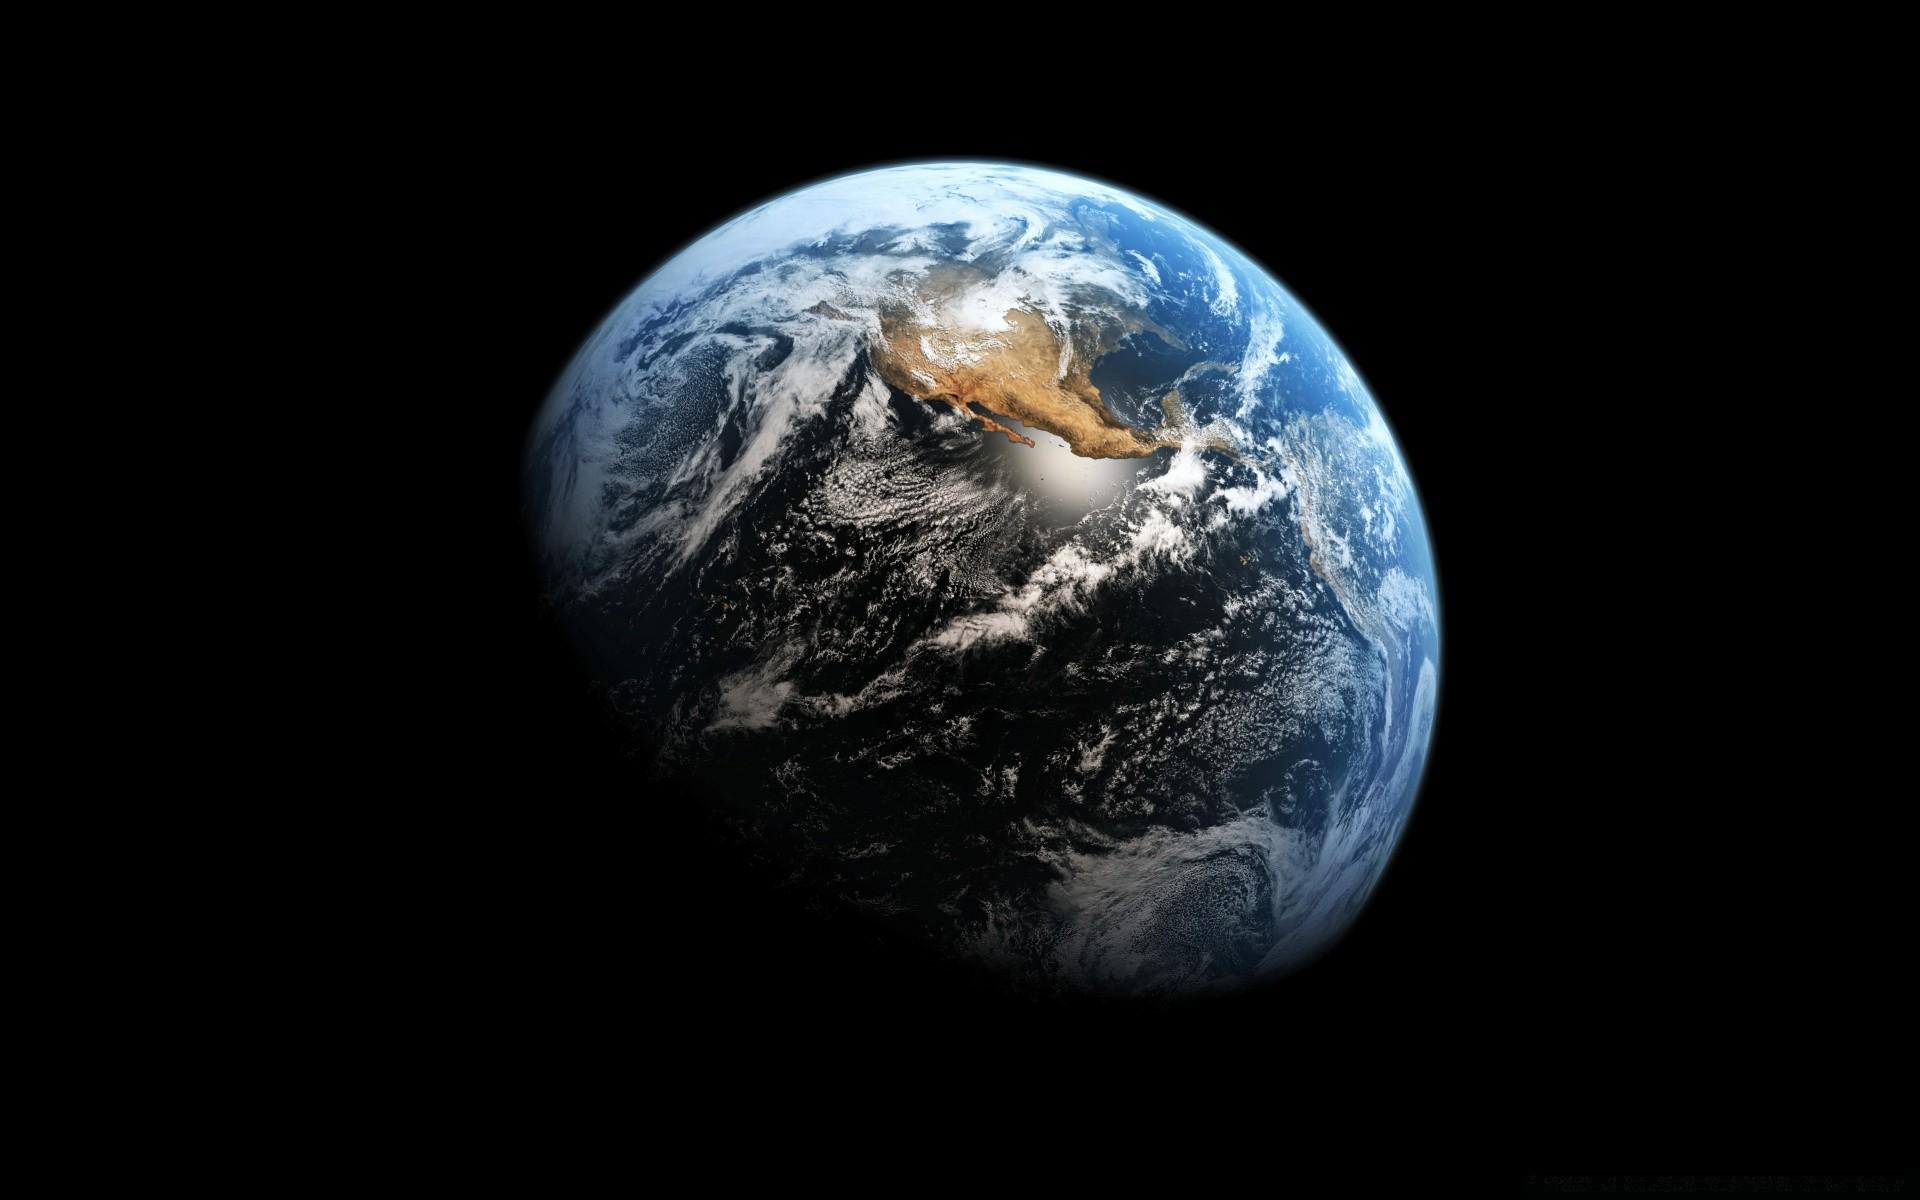 картинки планета на ноутбуке